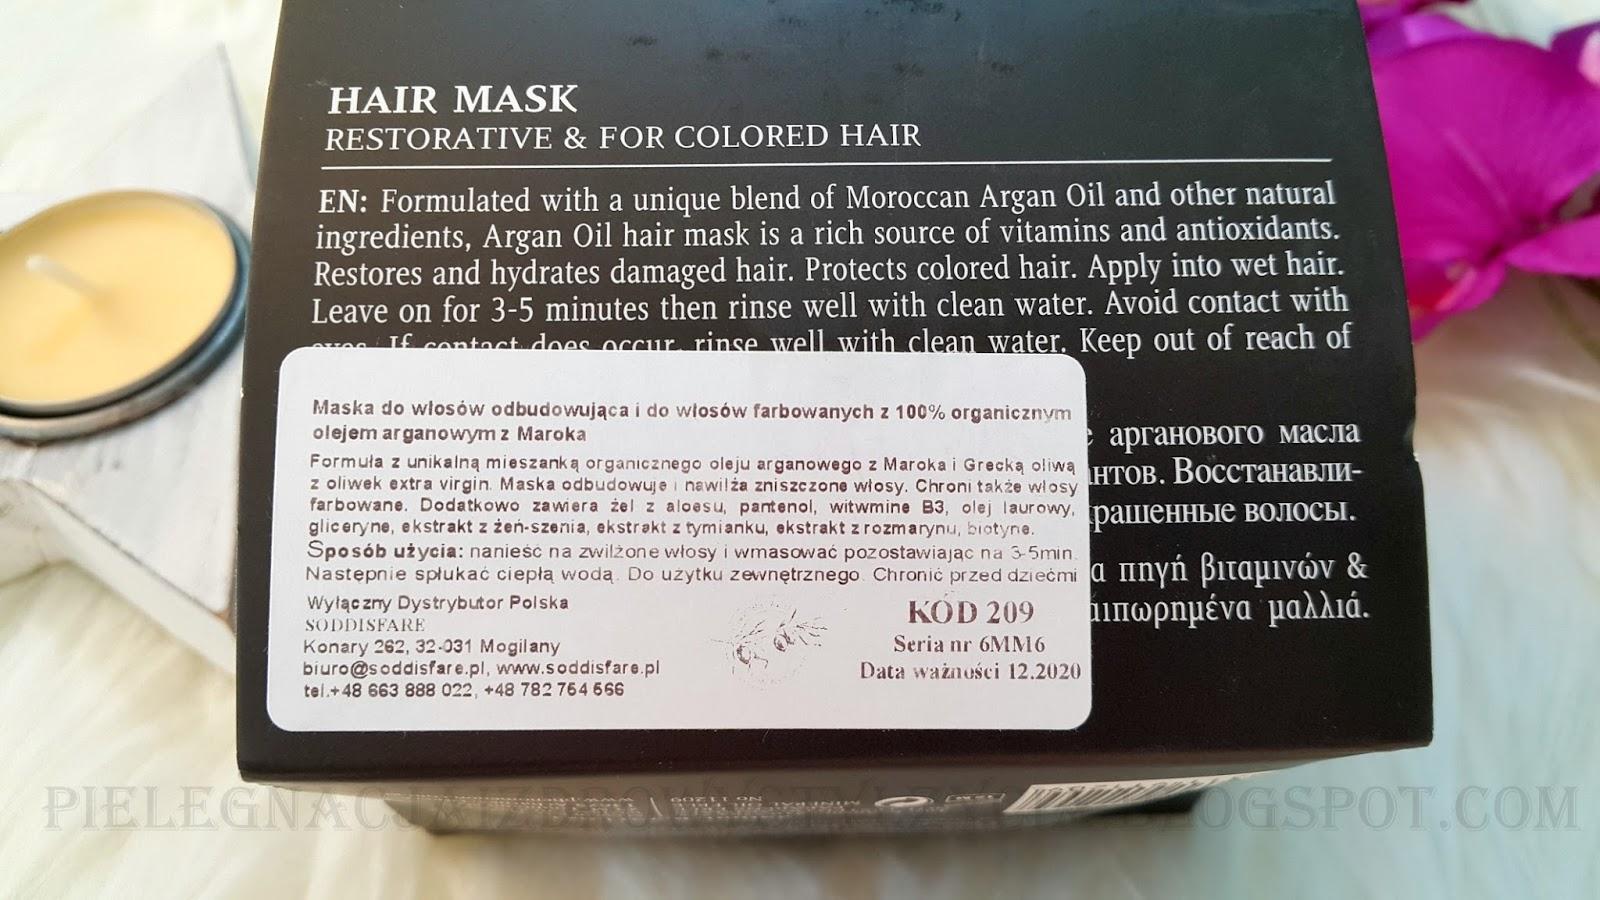 Maska do włosów farbowanych Olivolio Argan Oil opinie, blog